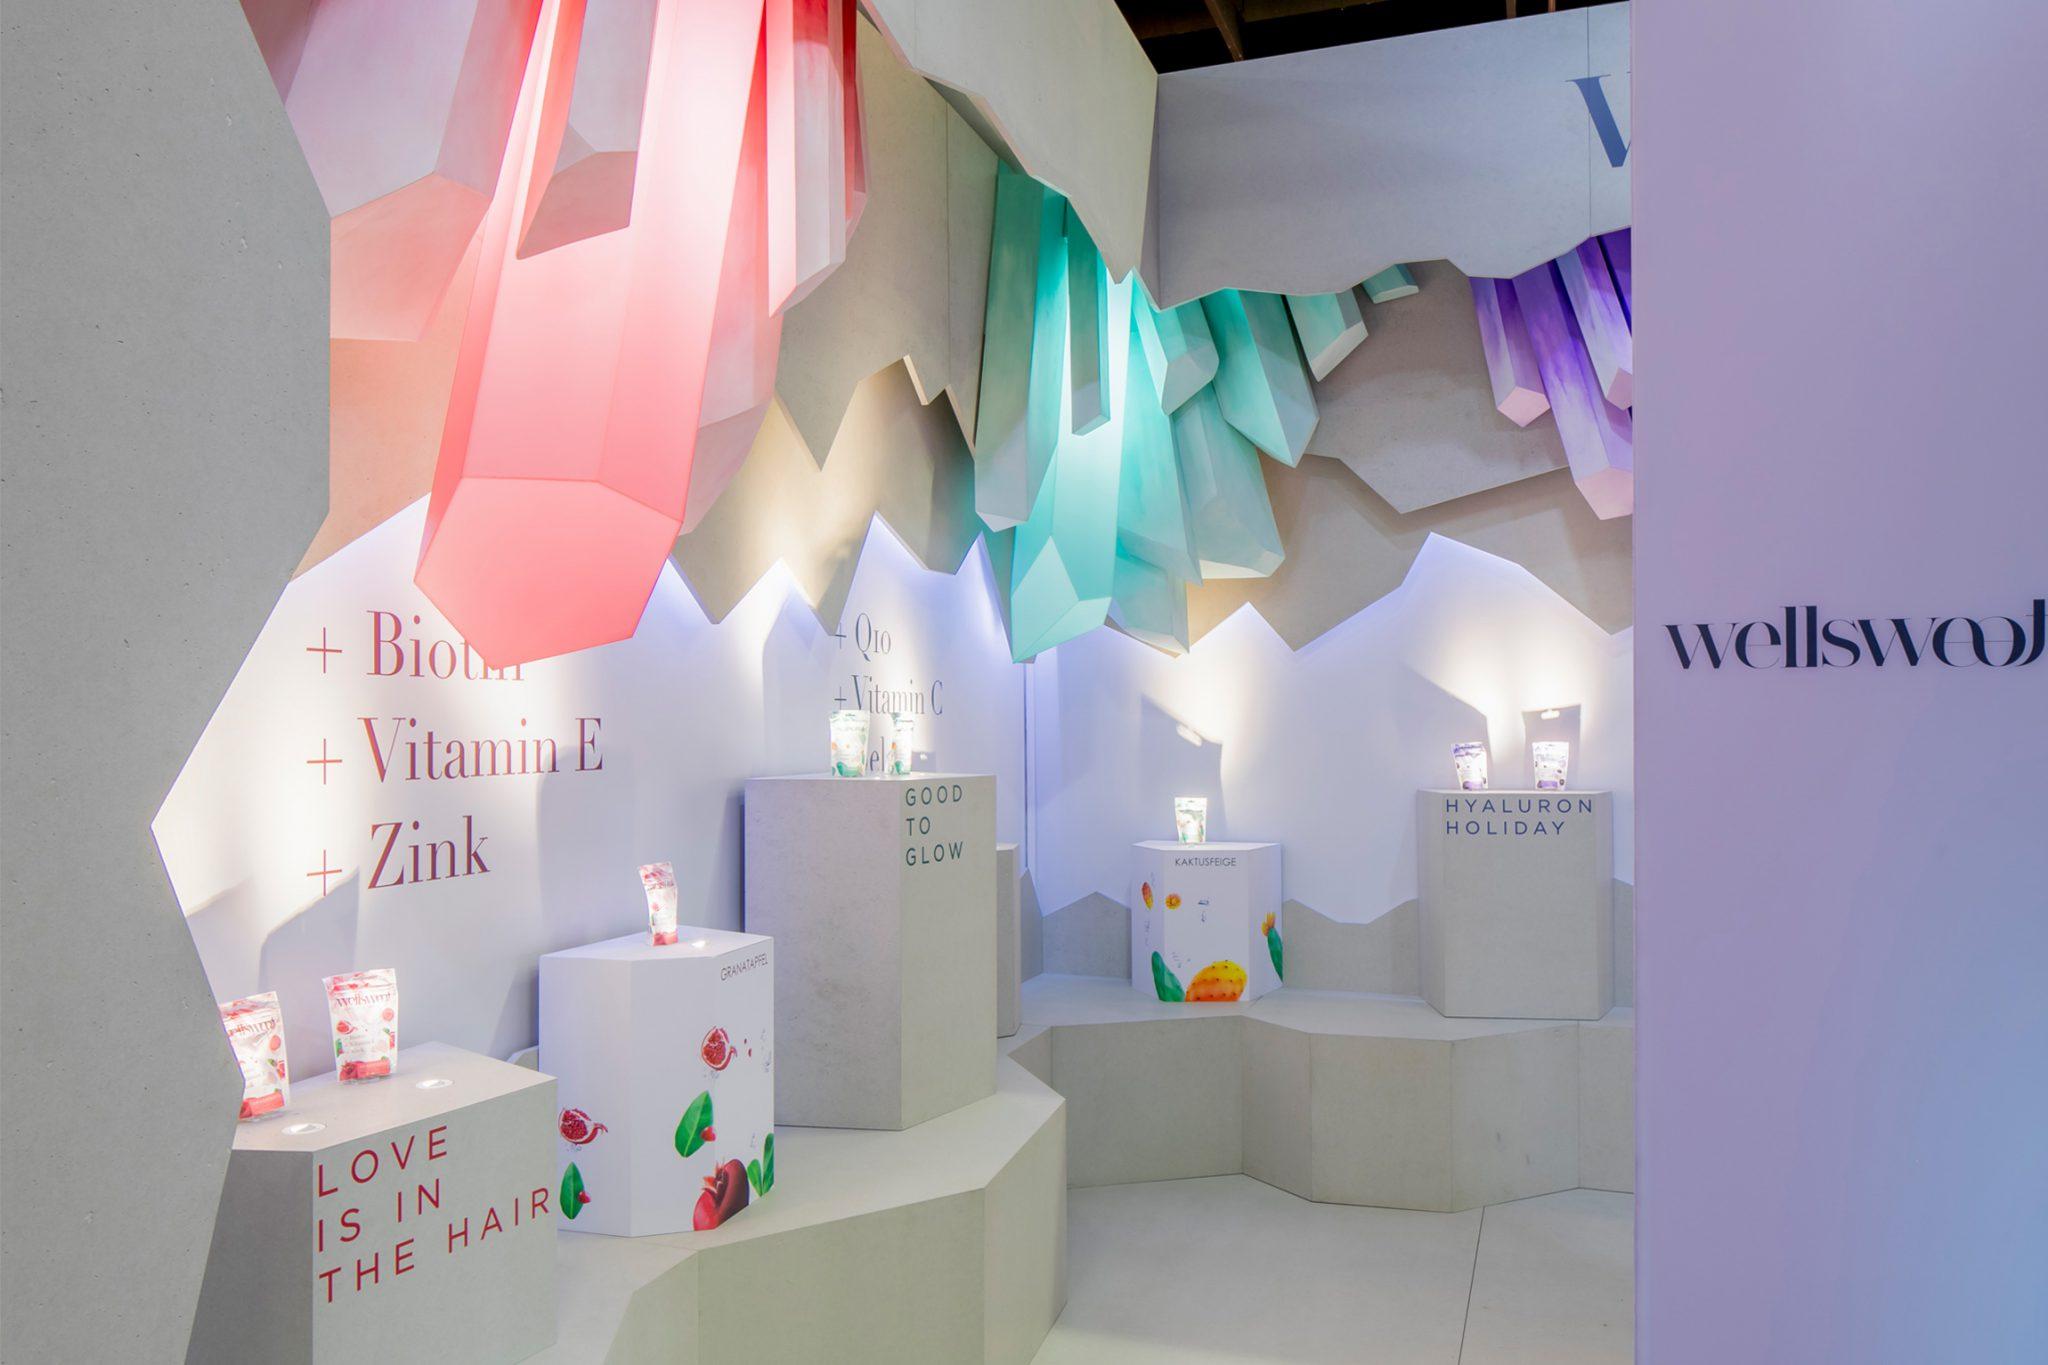 ISM Cologne 2020, International Sweet Expo, Design Stil Manipulation 2020, ISM 2020, Messestand Design, Messe Design, Messebau Köln, Wellsweet, Trade Show Design, Trade Show Booth Design,